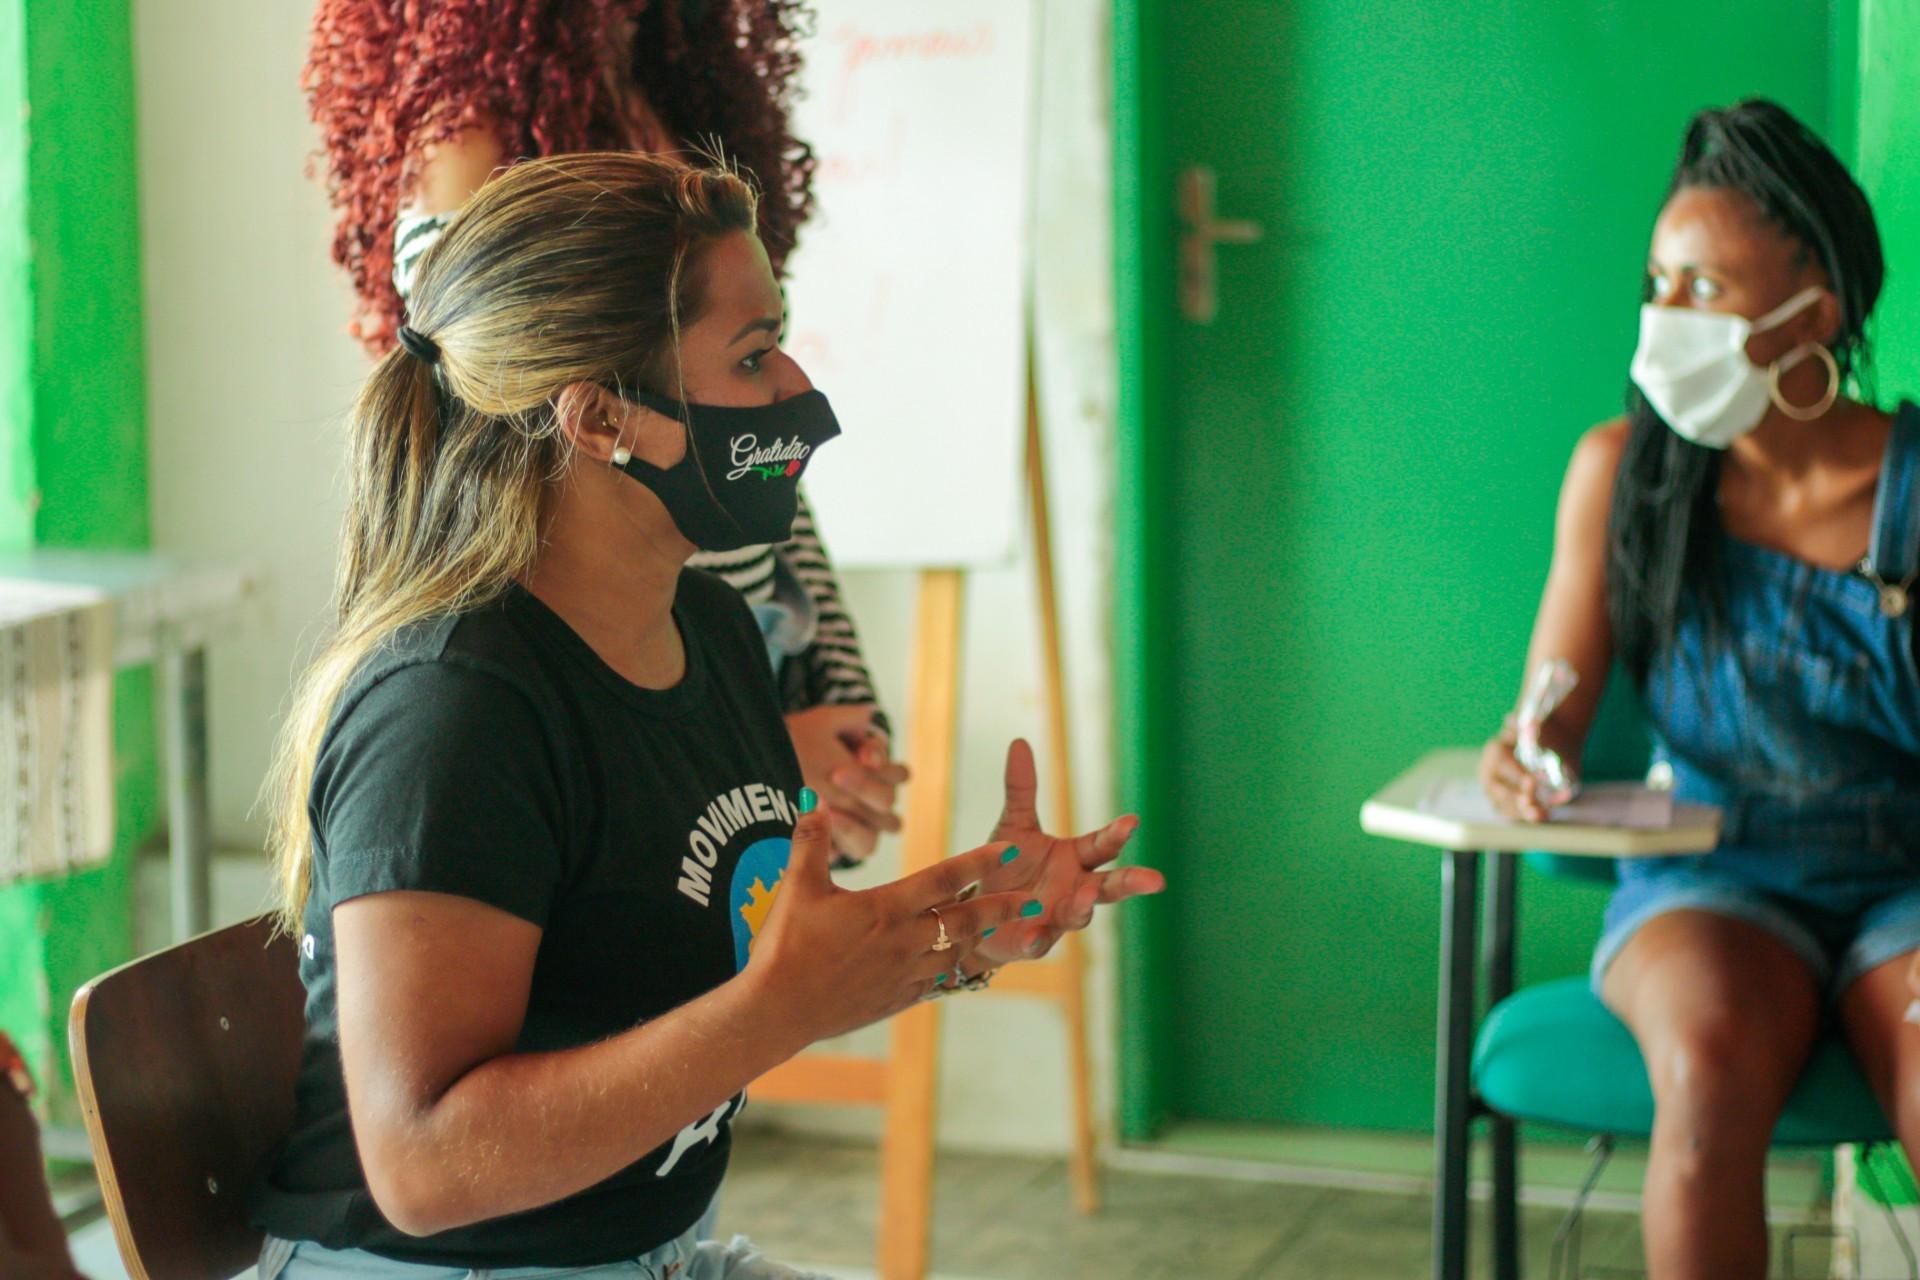 A educadora social Daniela Ximenes conversou com as mulheres atendidas pelo Centro Pop sobre direitos e acesso a serviços